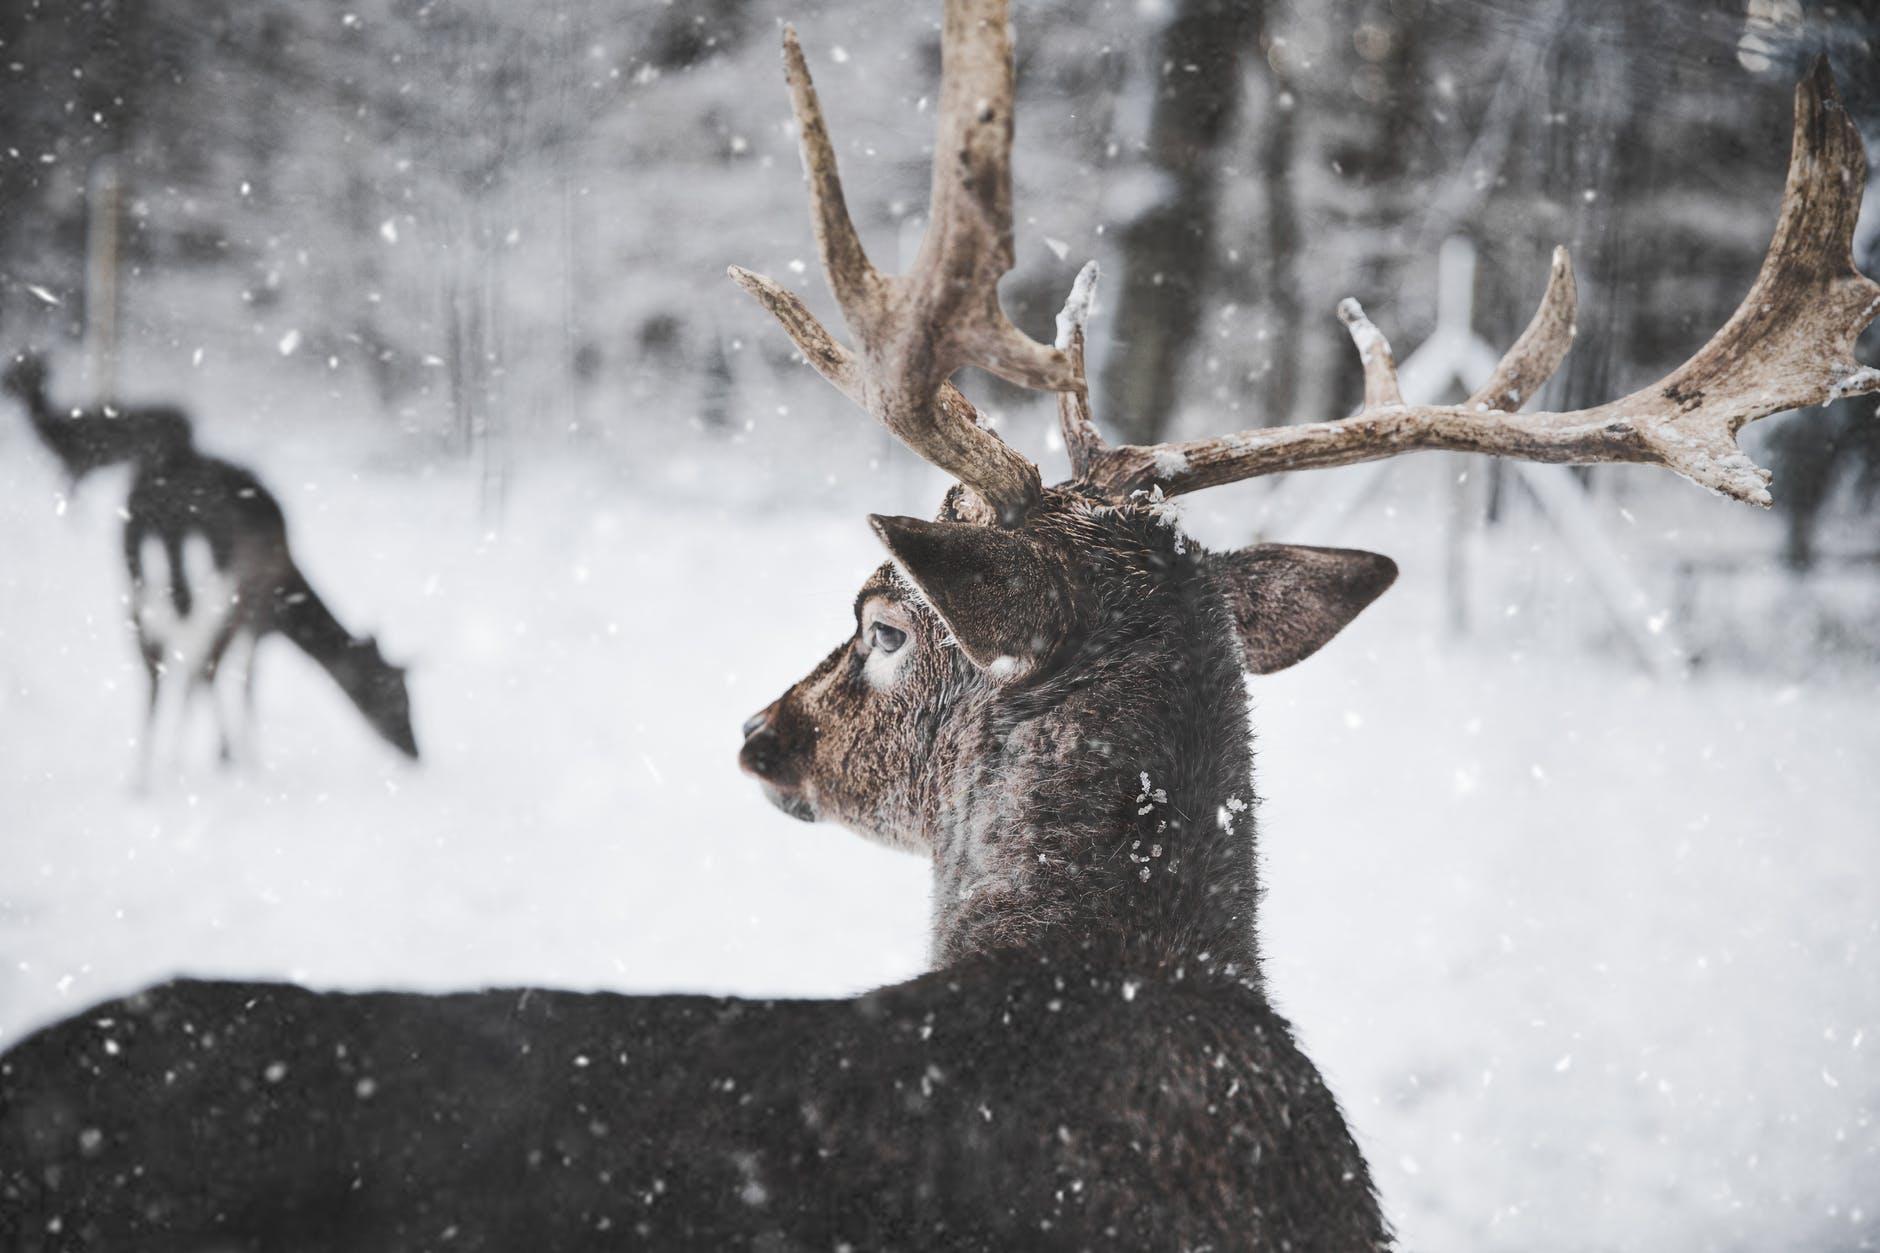 Un cerf dans la neige. l Source: Pexels